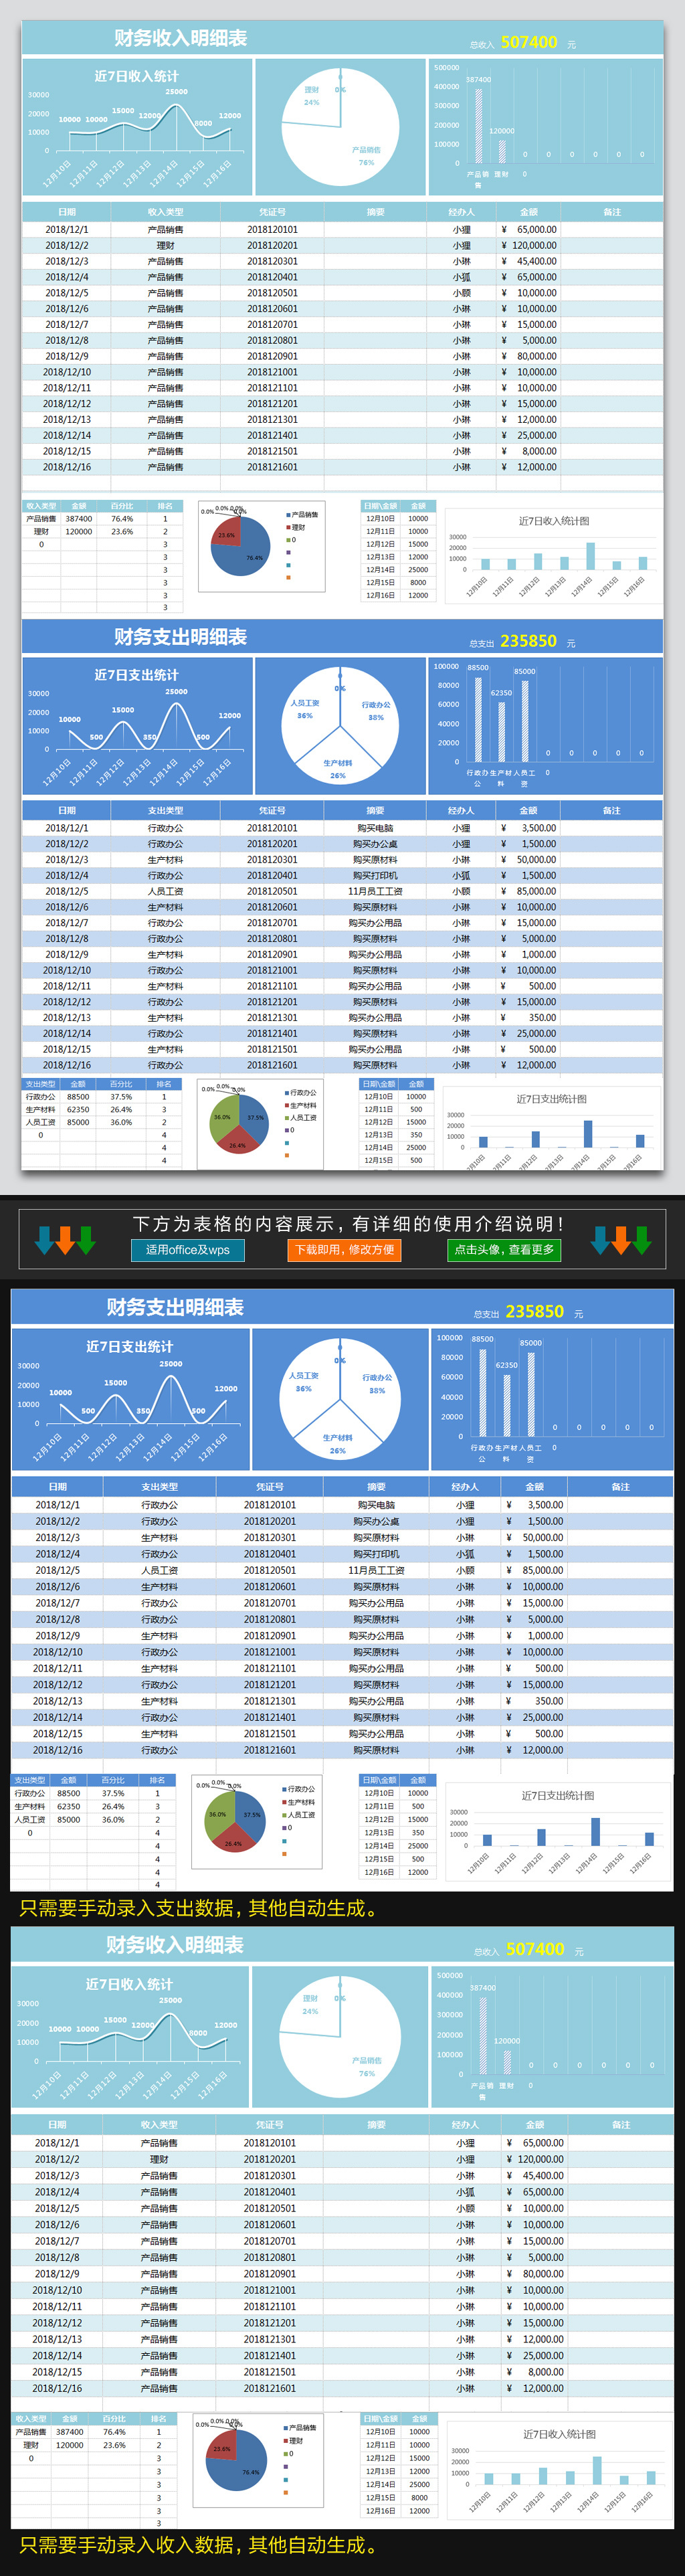 外汇股票:沙钢集团财务